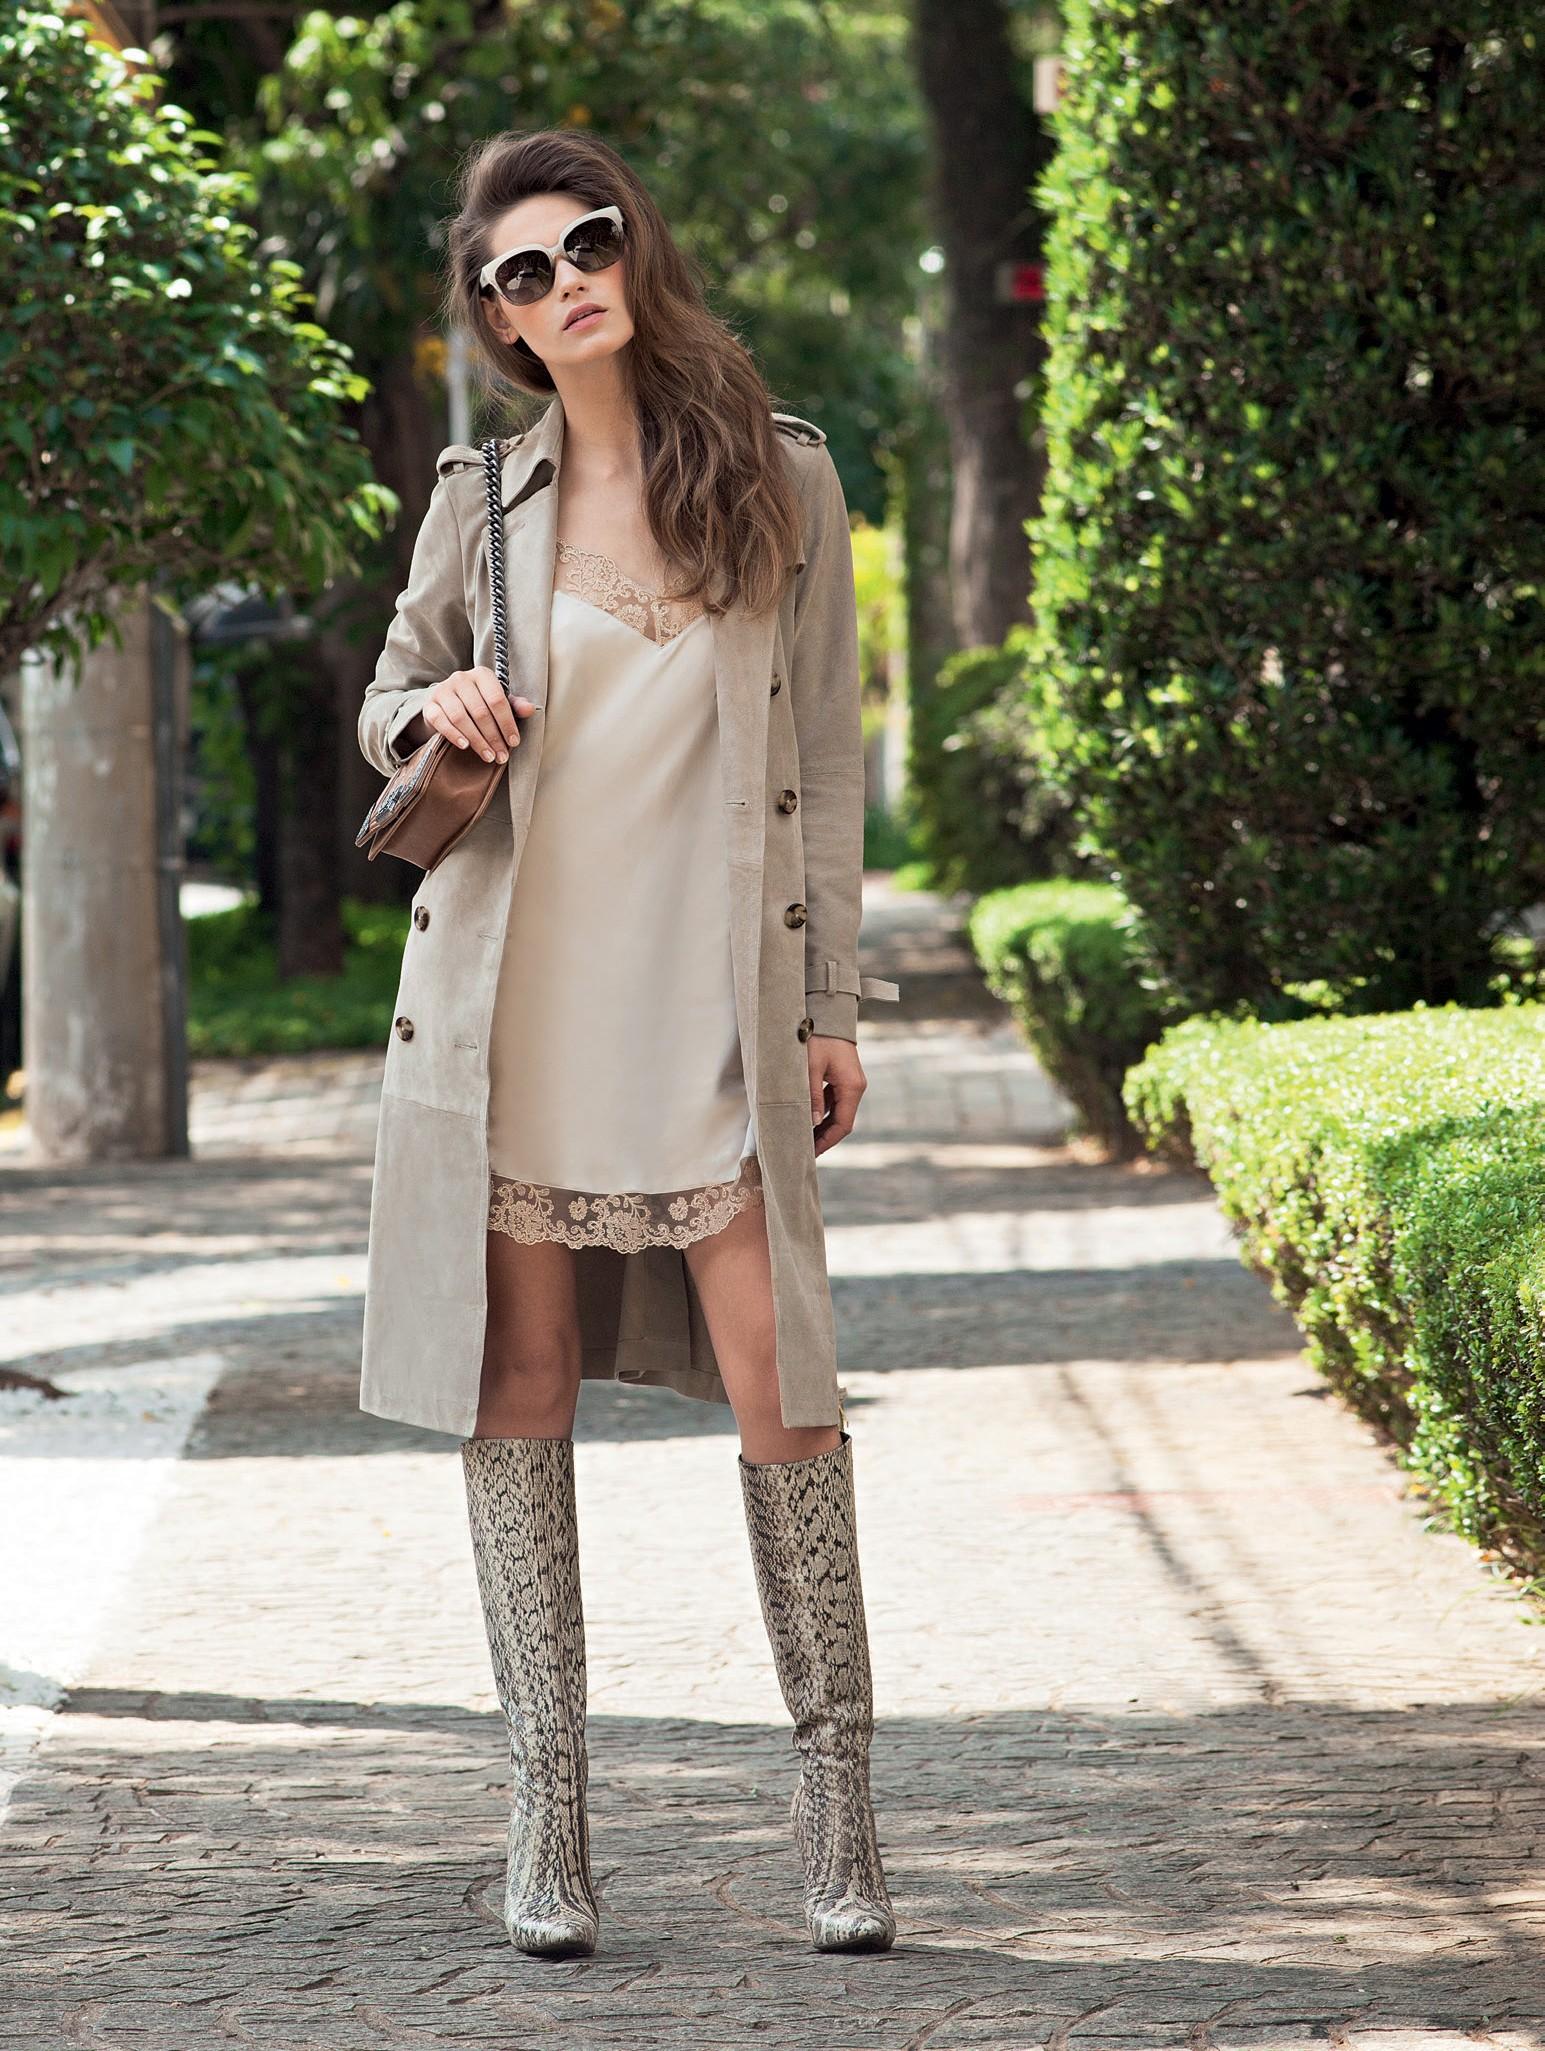 Camisola nas ruas já! Vogue mostra como apostar na tendência nightwear